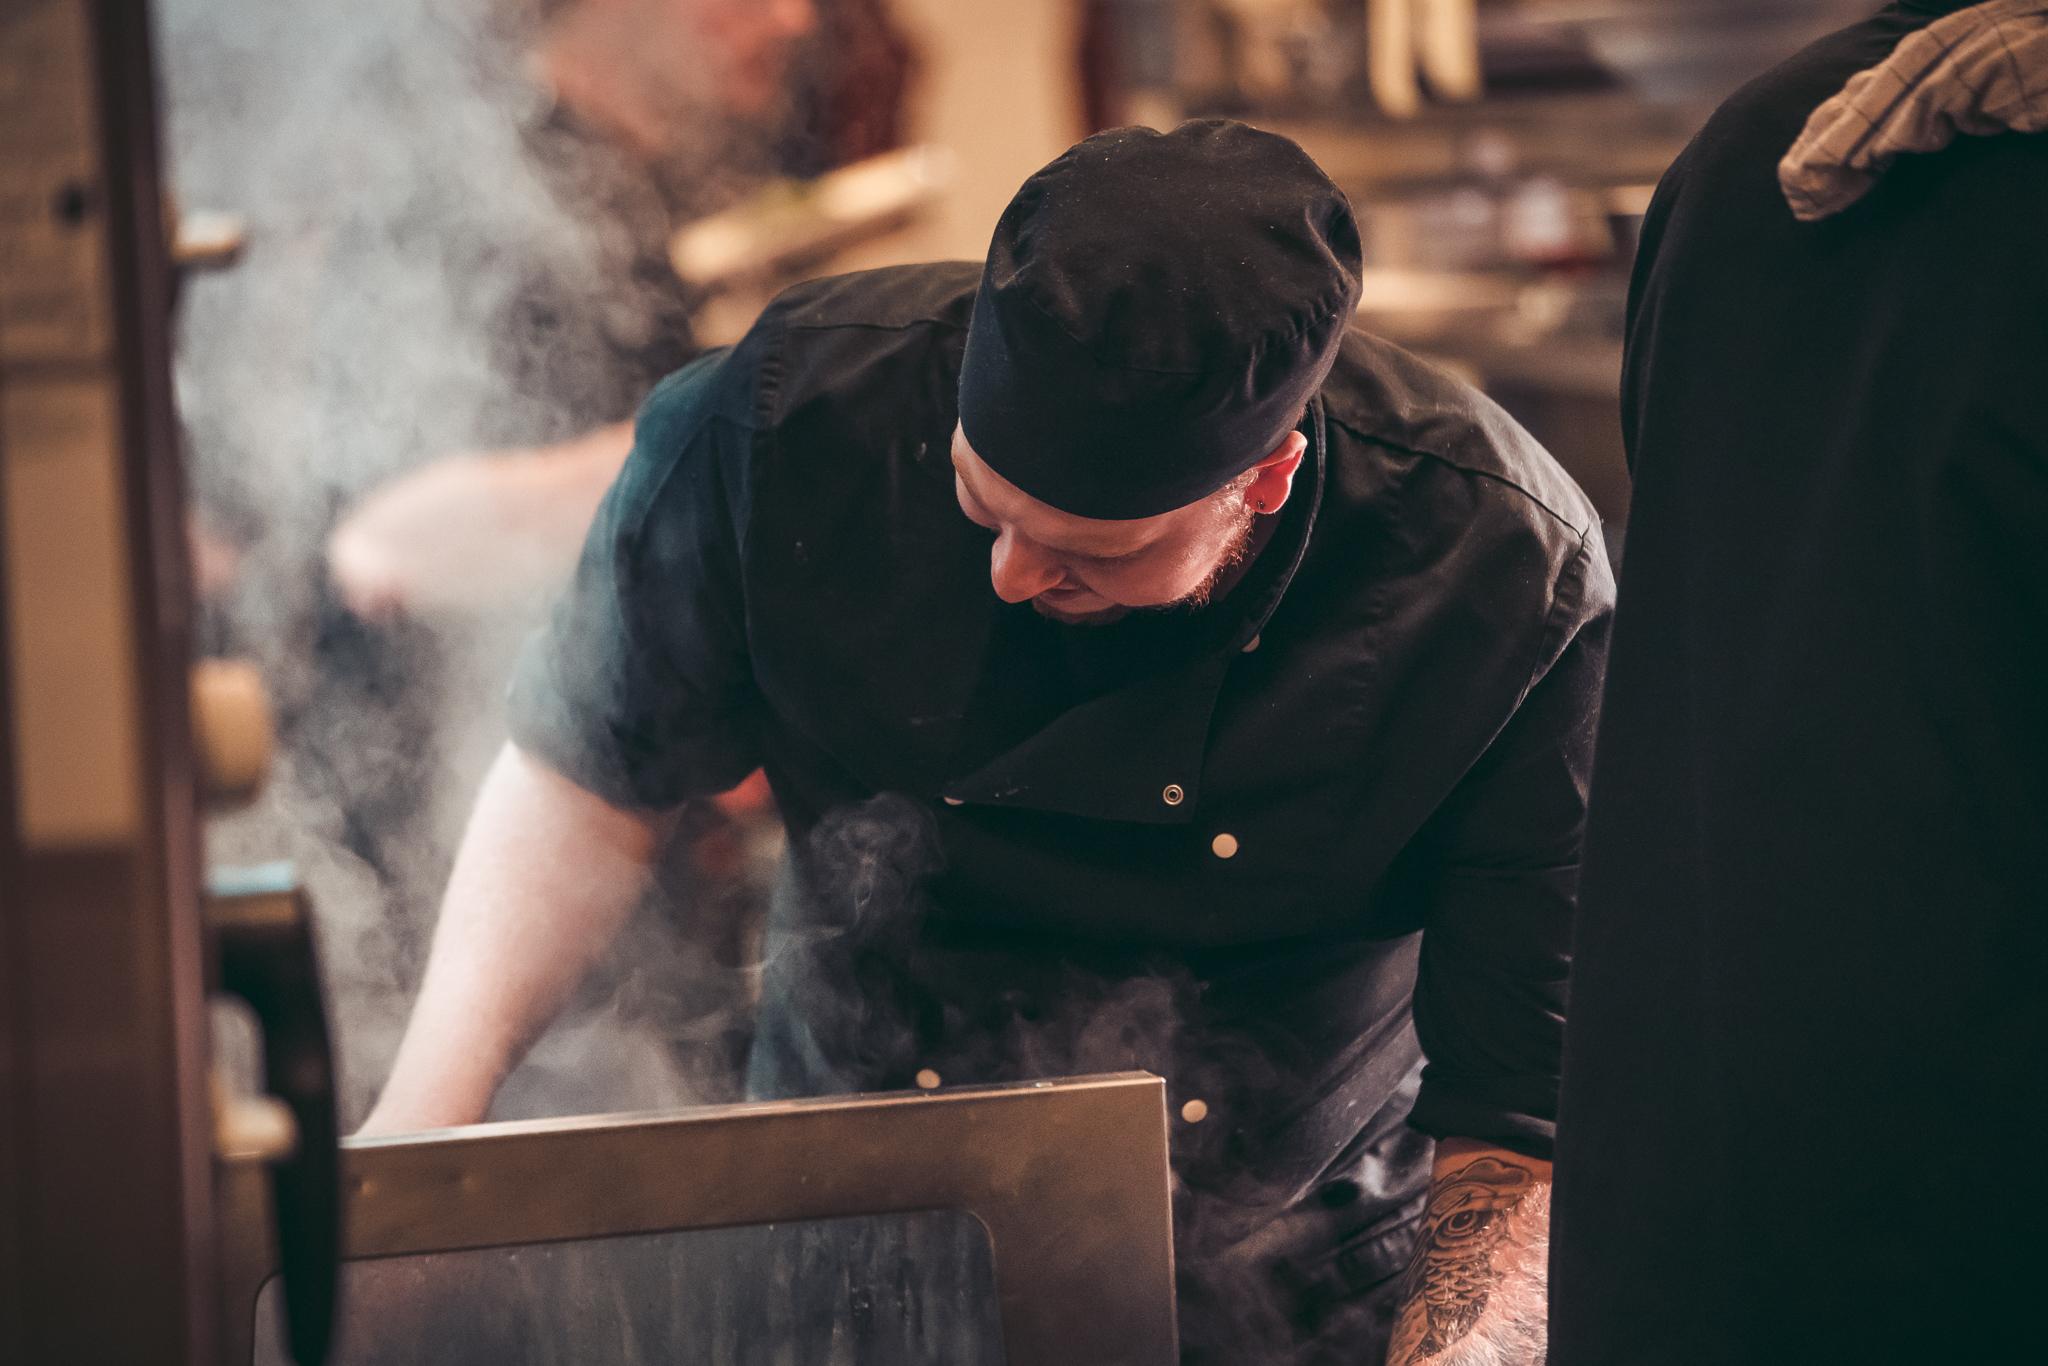 Damp uit de keuken bij Café Van Buren